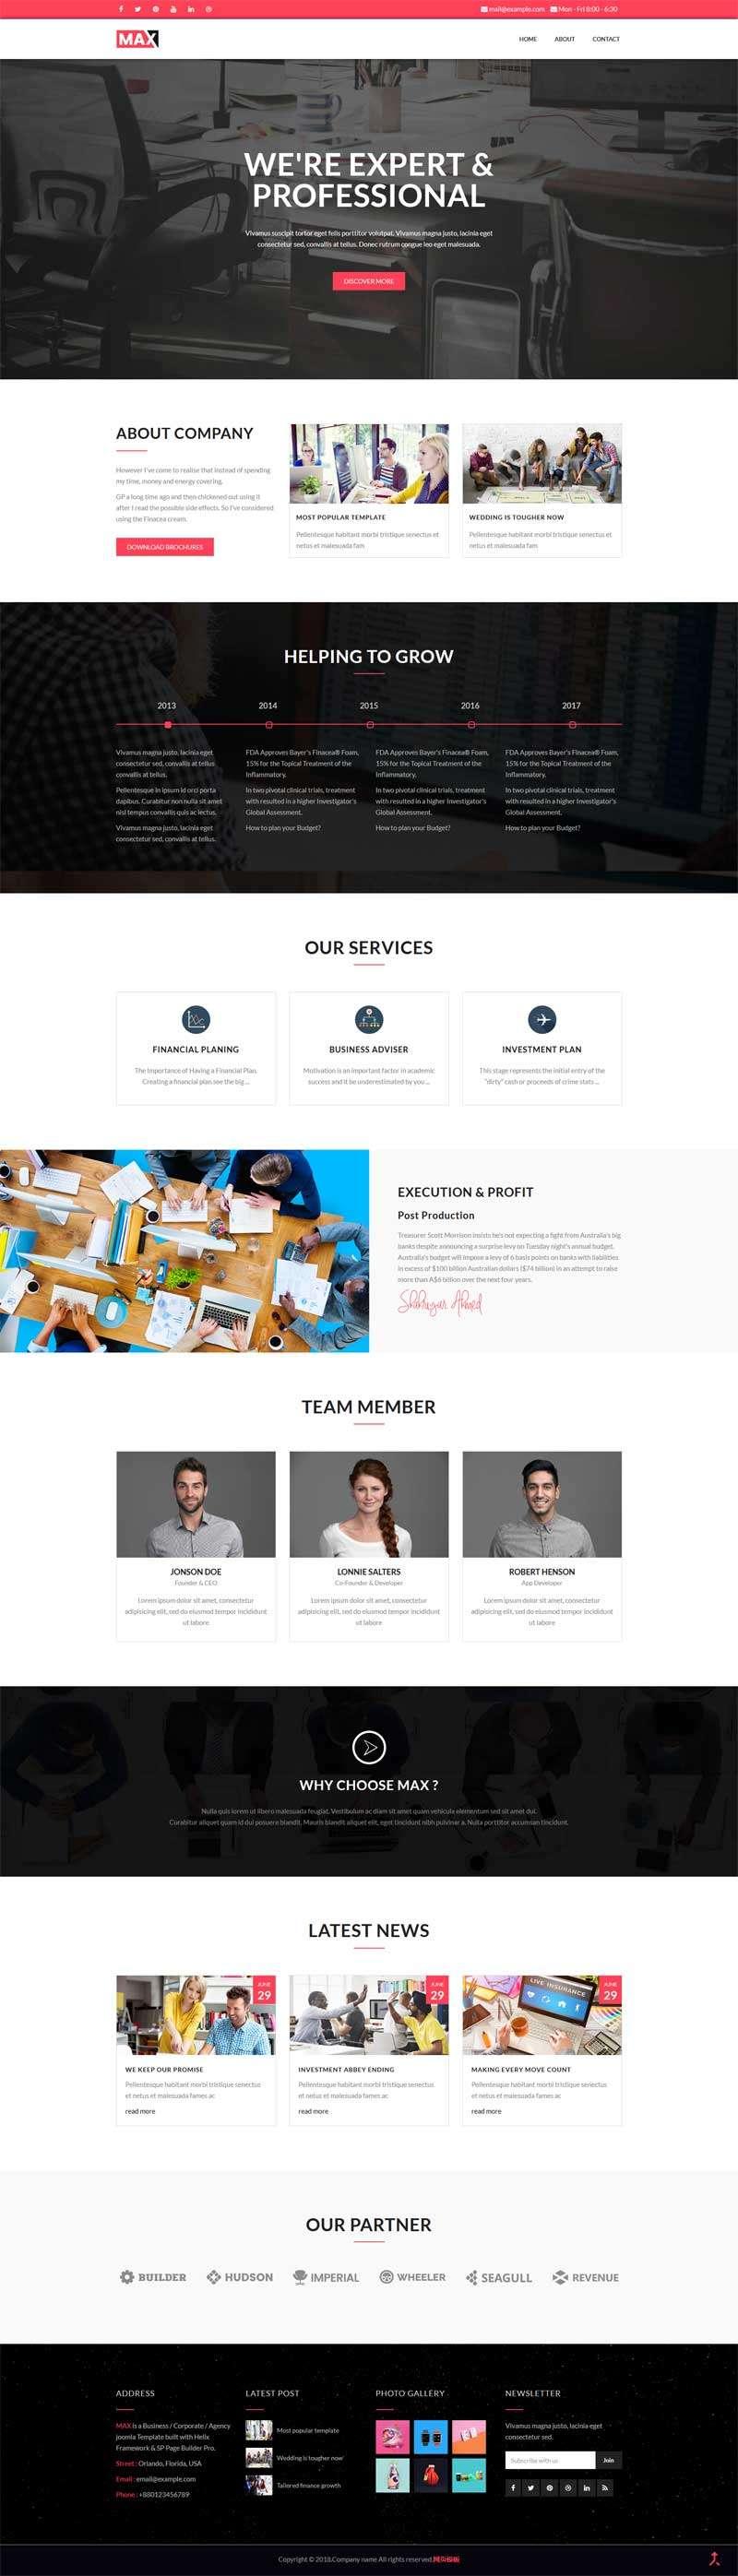 大气的产品ui设计公司网站模板